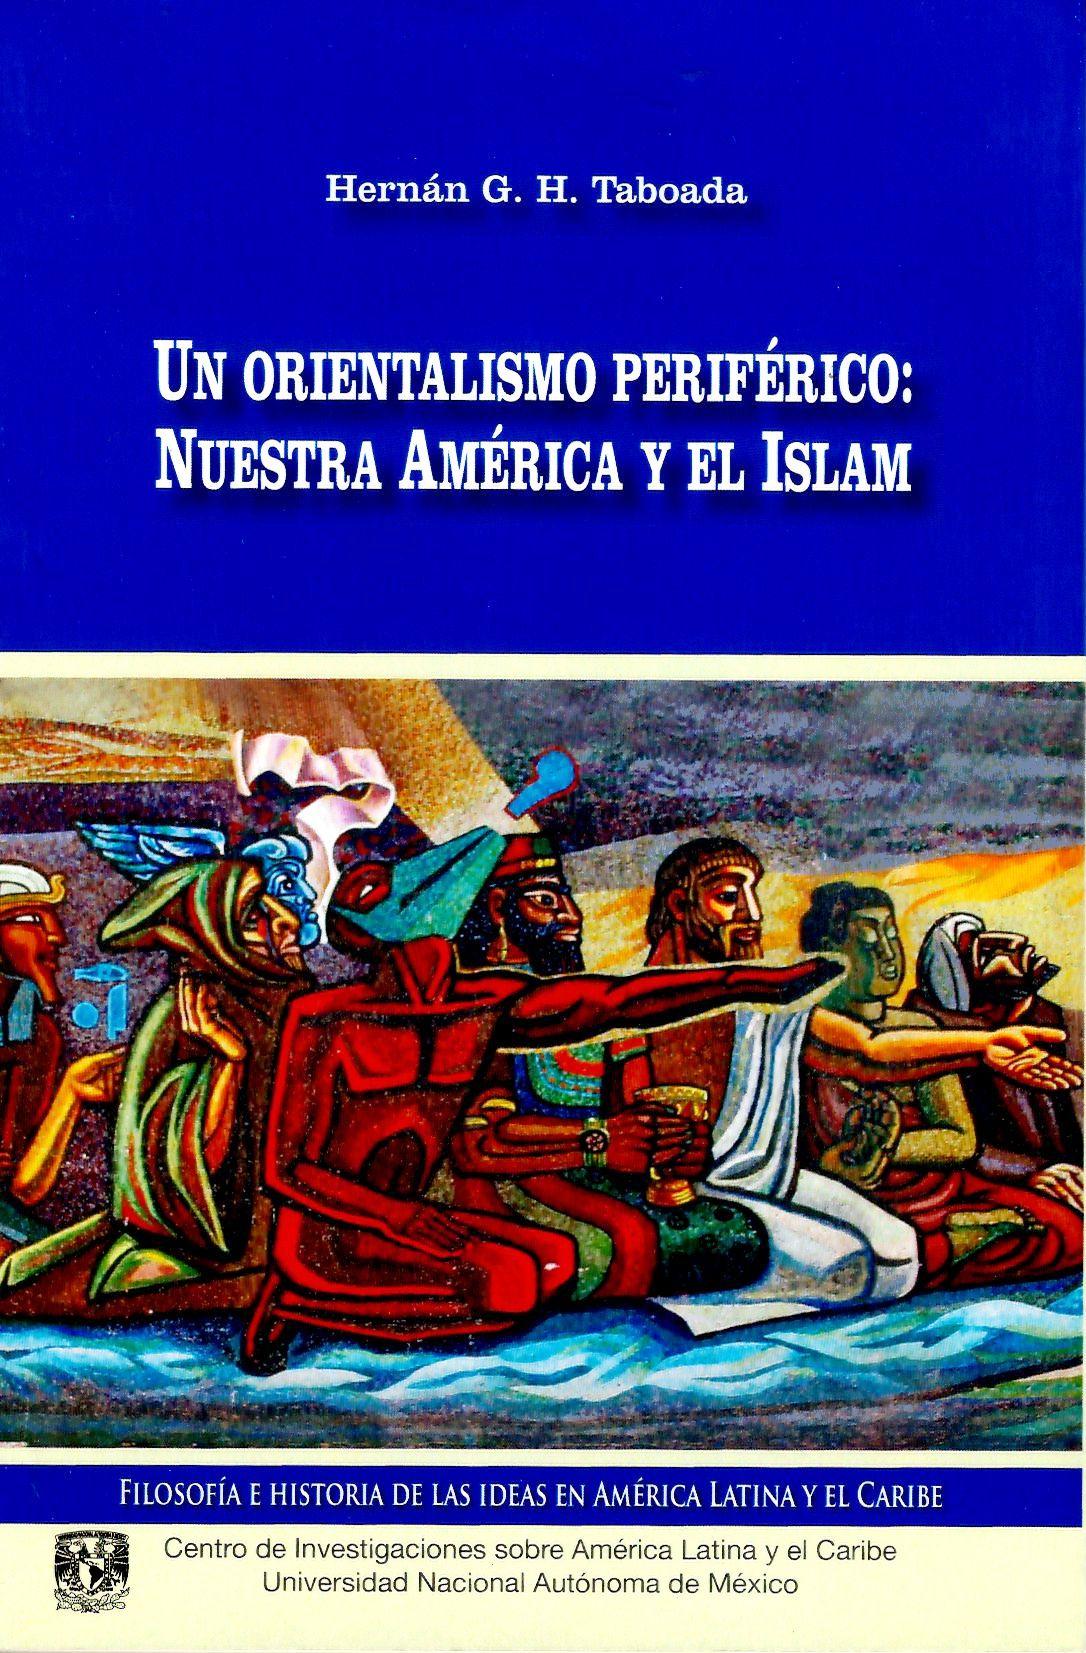 Un orientalismo periférico: Nuestra América y el Islam